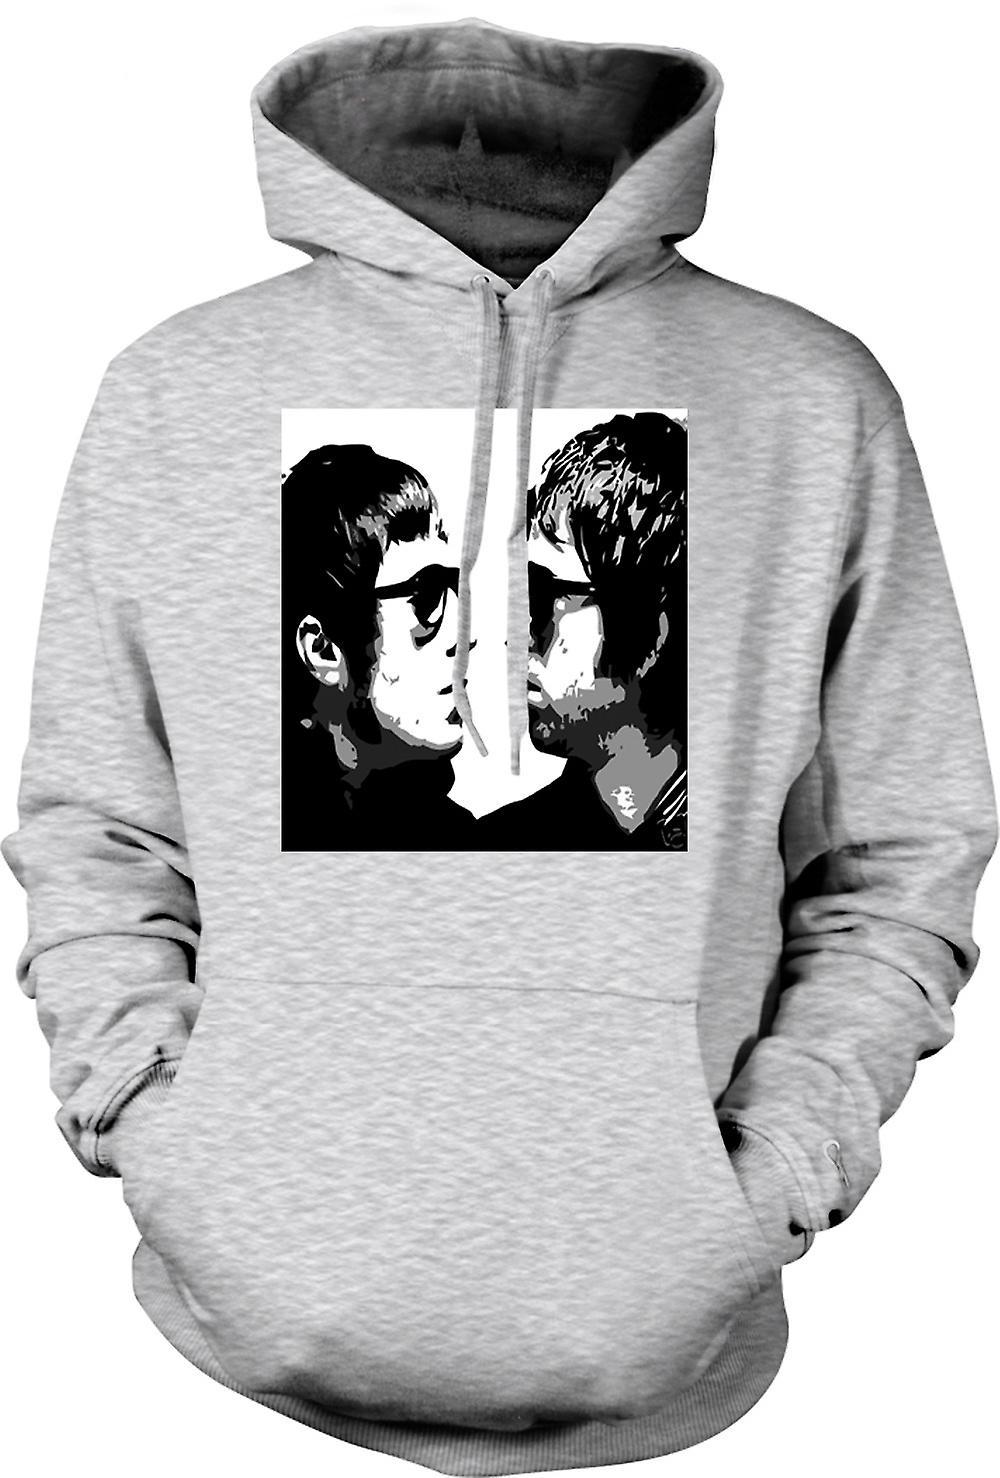 Mens Hoodie - Liam et Noel - Oasis